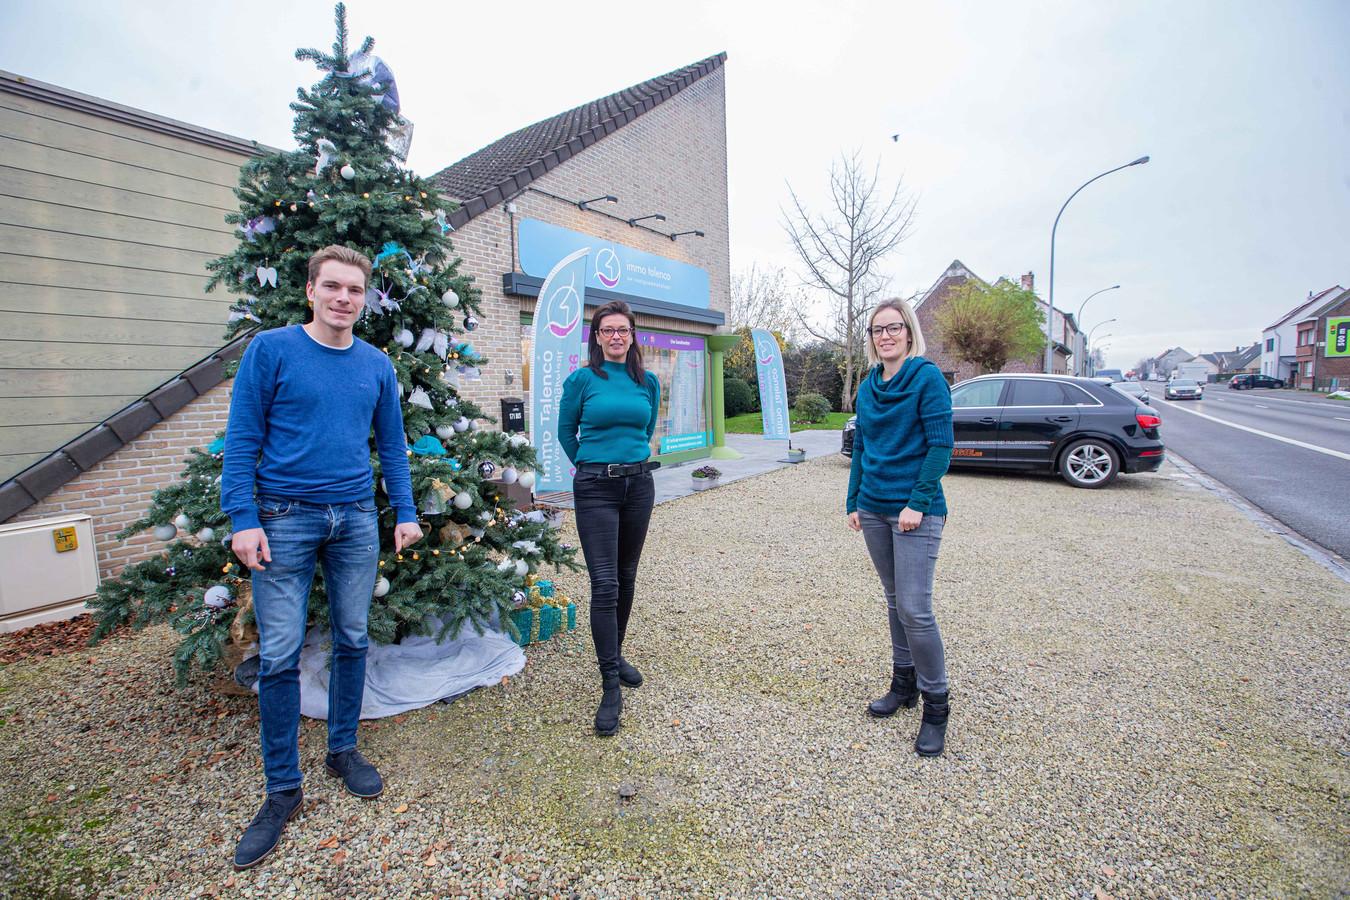 Ilona Bewaert (centraal) met medewerkers Tineke De Roover en Arne Verhoeven van Immo Talenco.